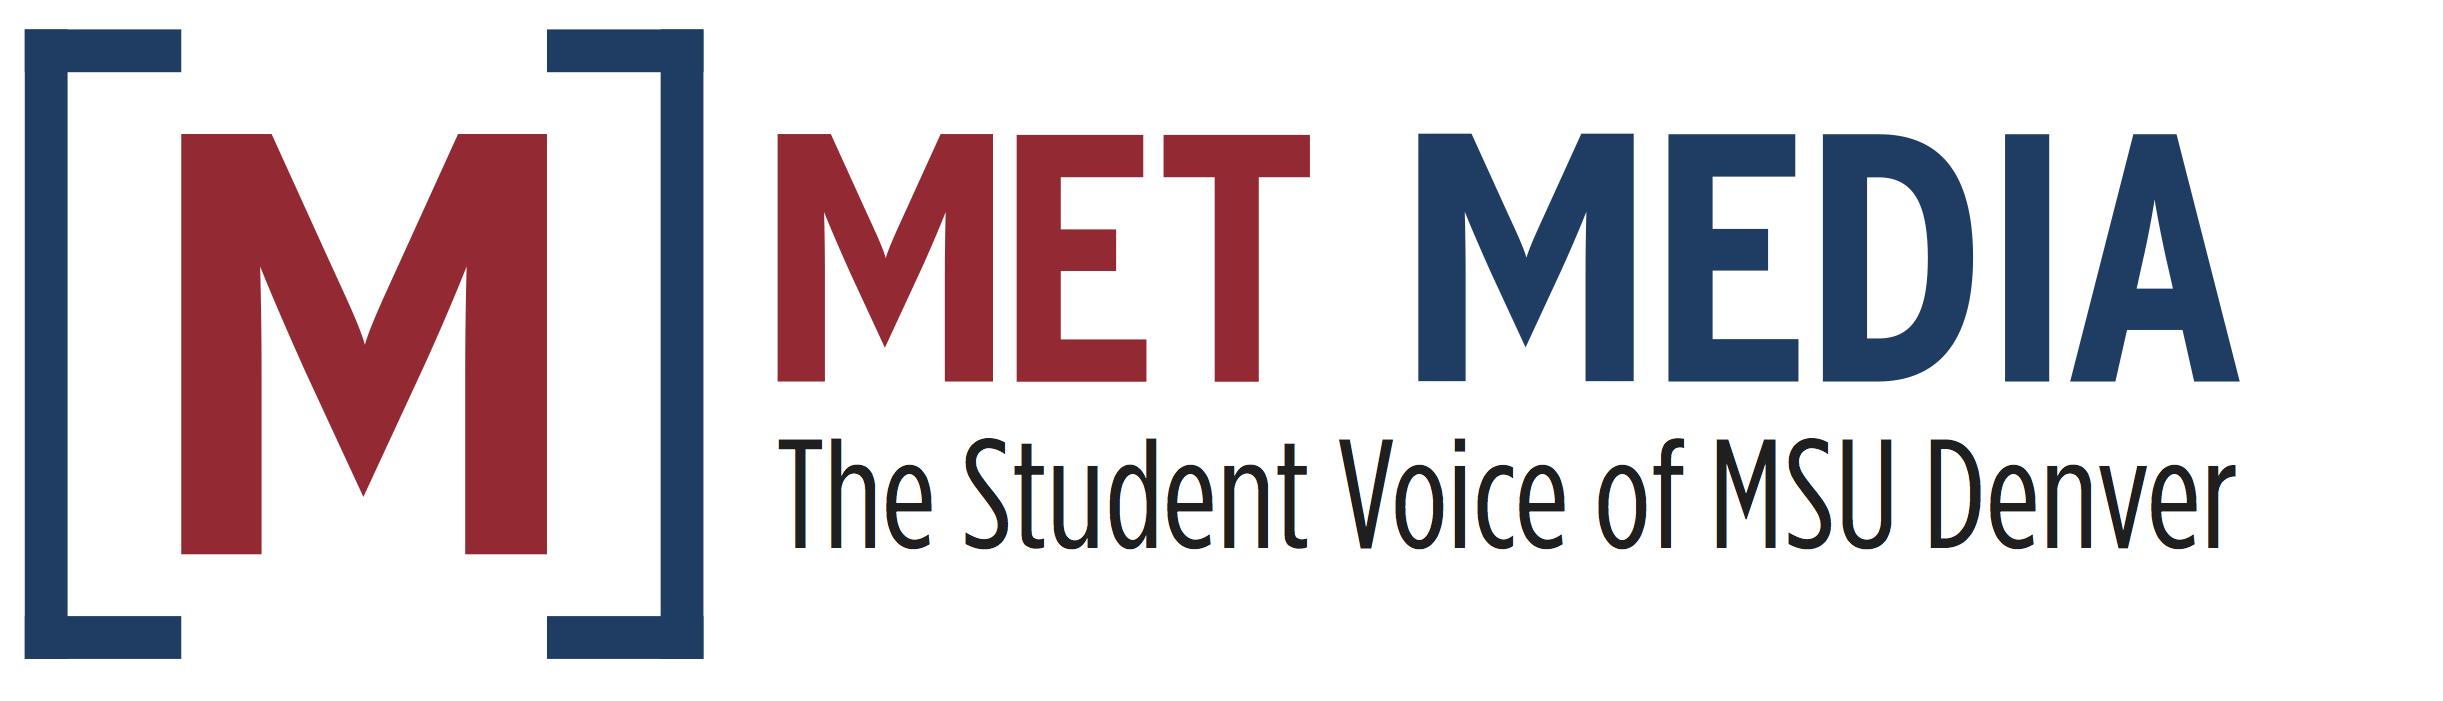 My Met Media